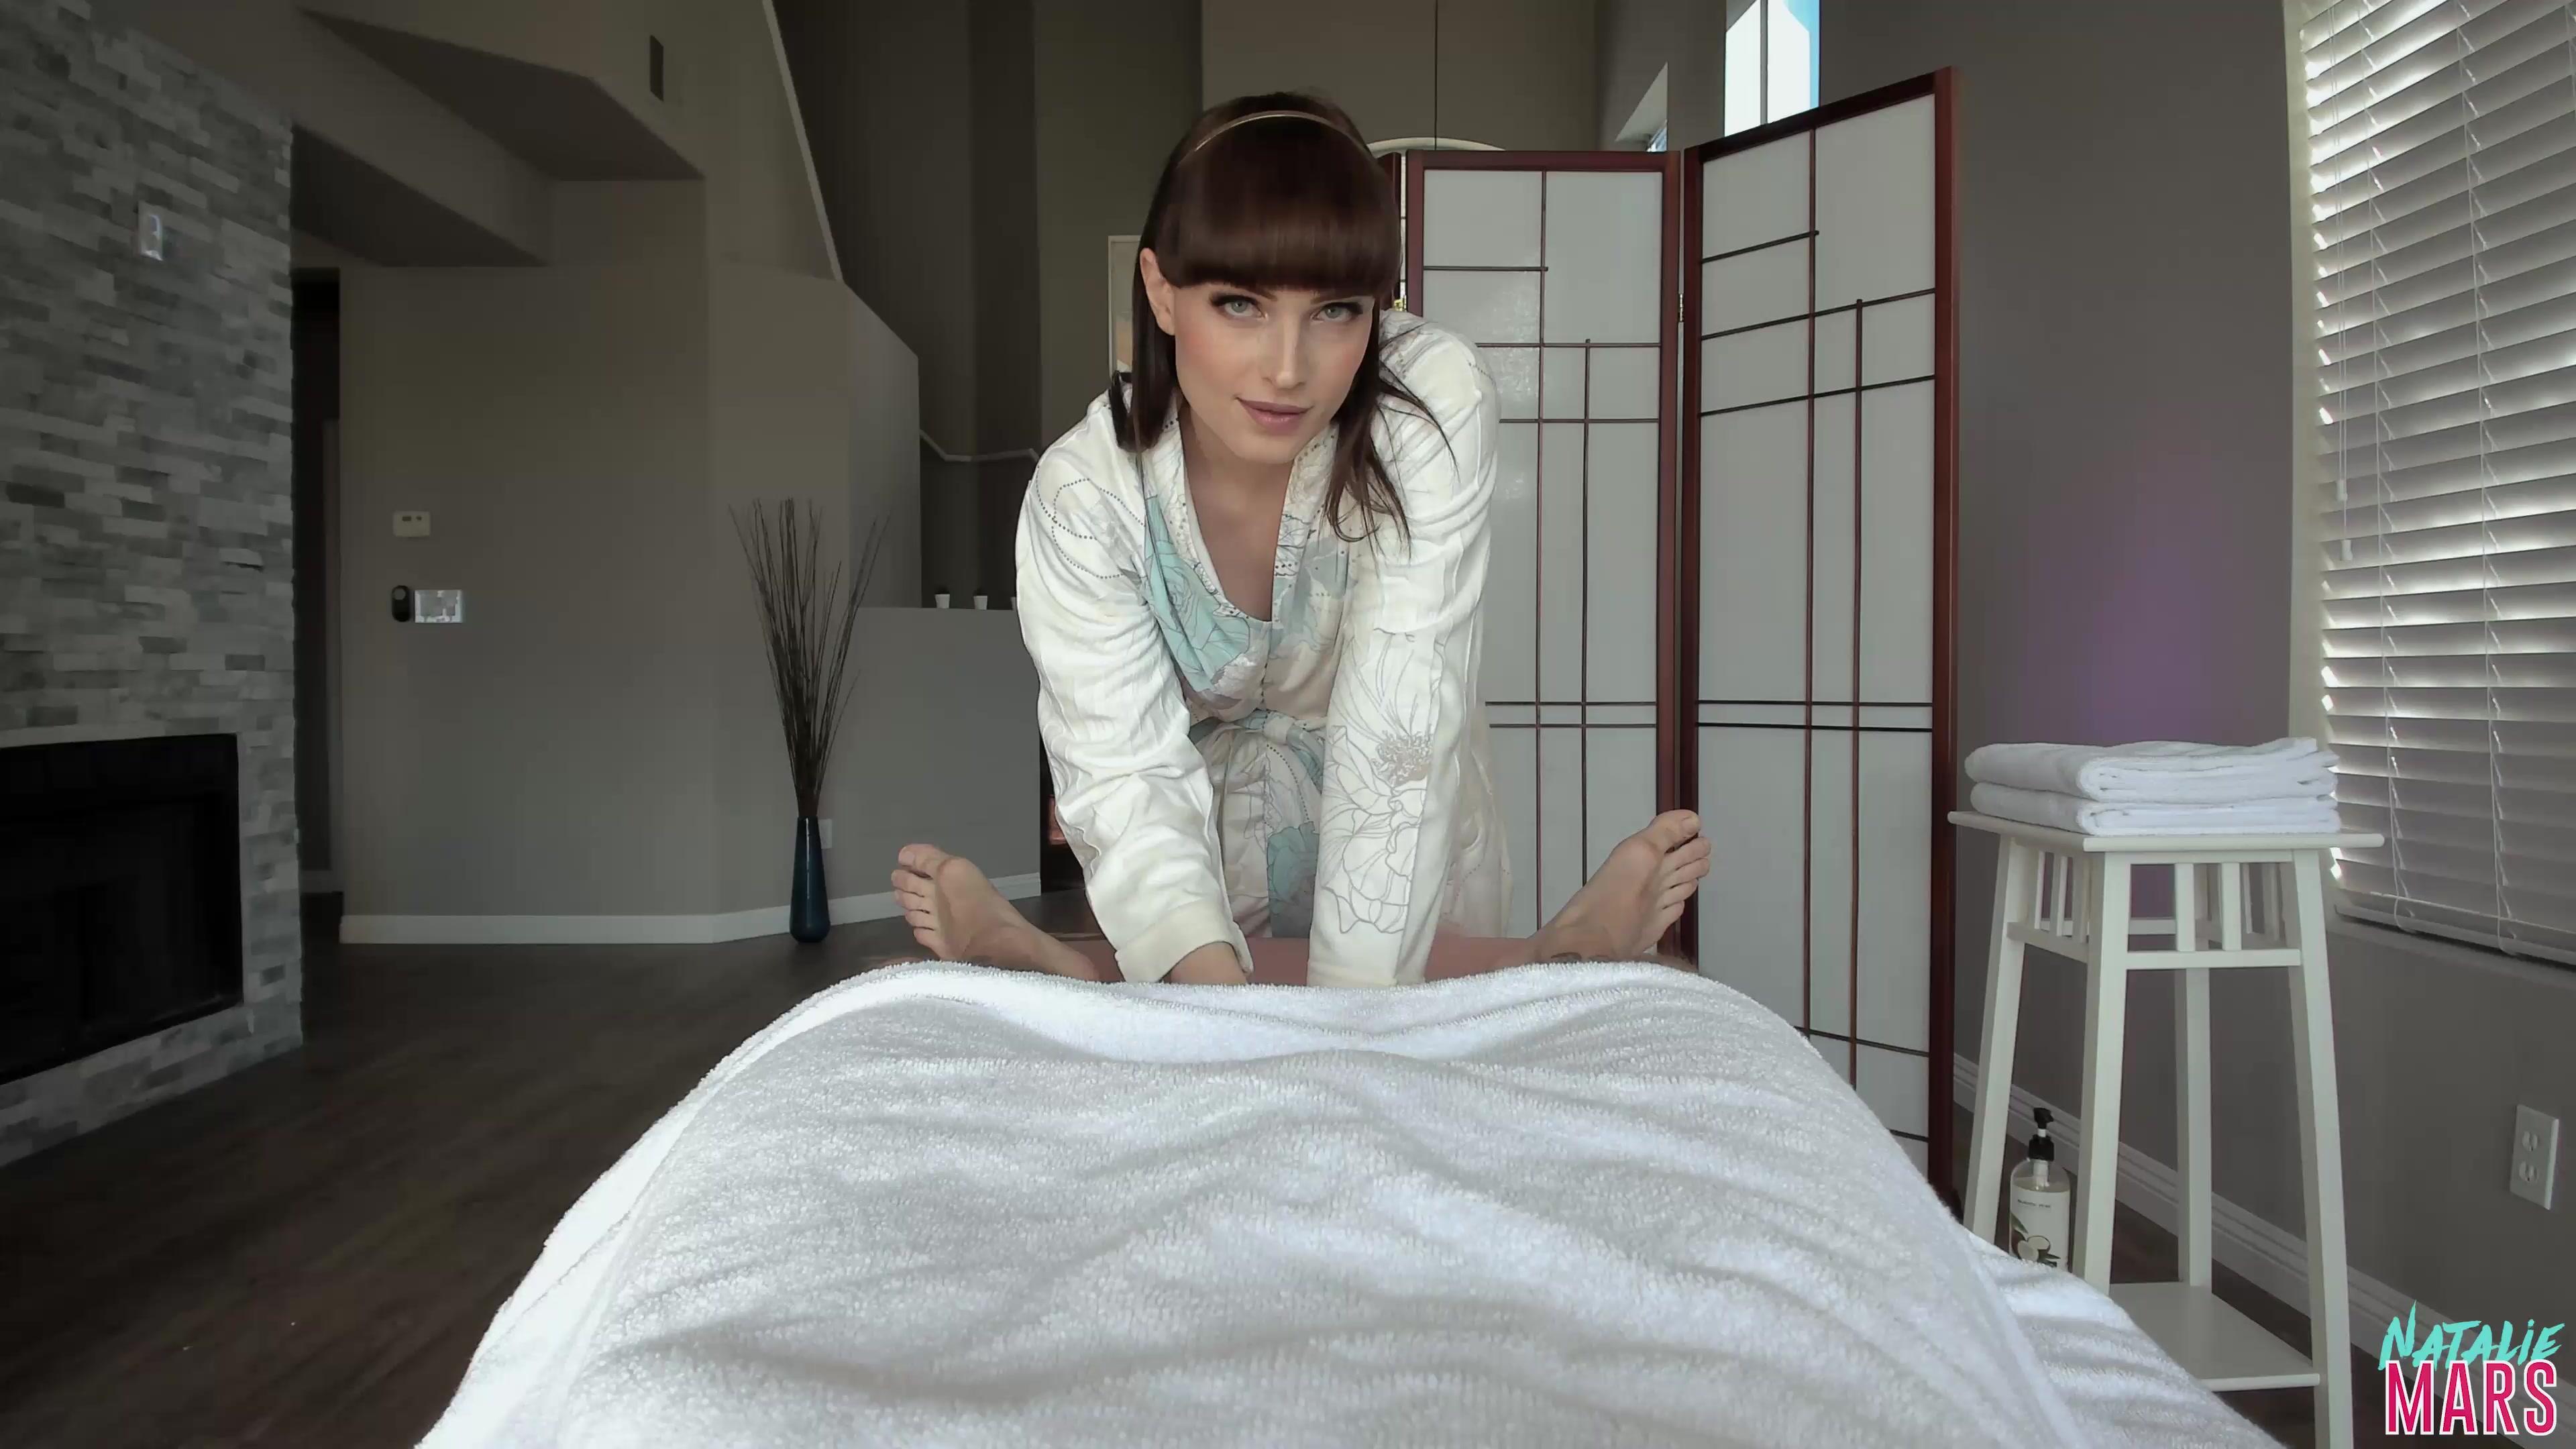 Girl Gets Happy Ending Massage